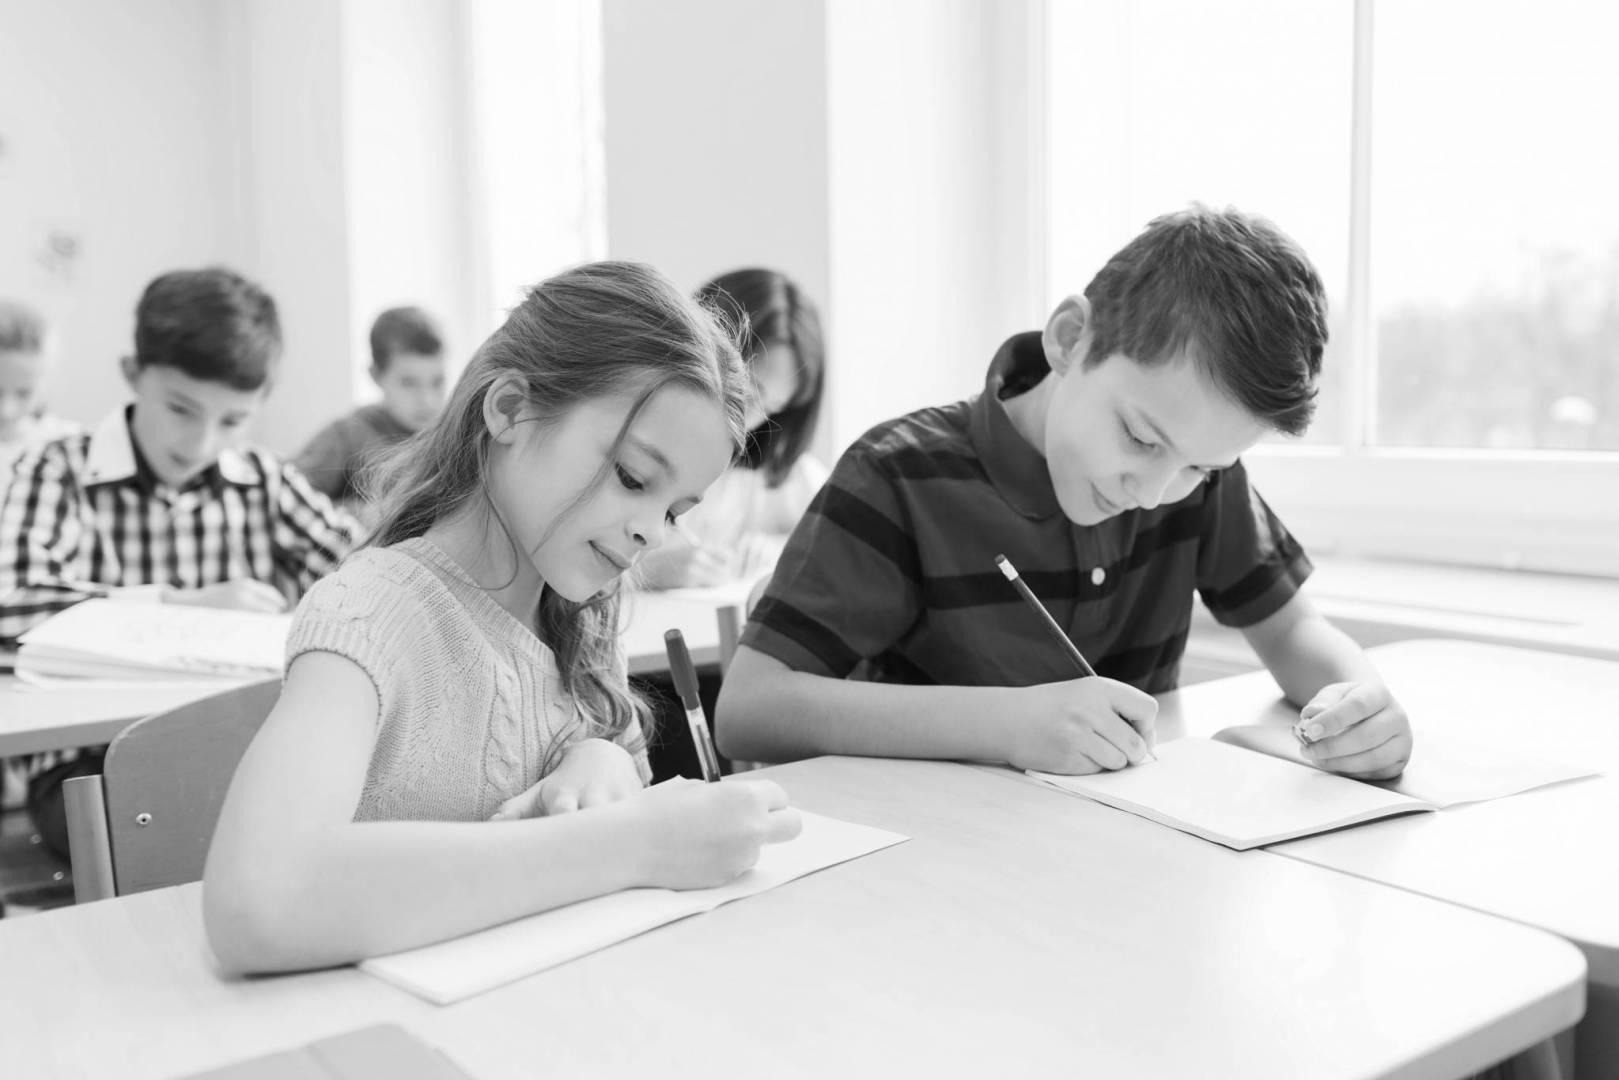 كيف تدربين طفلكِ على اجتياز امتحاناته بنجاح؟